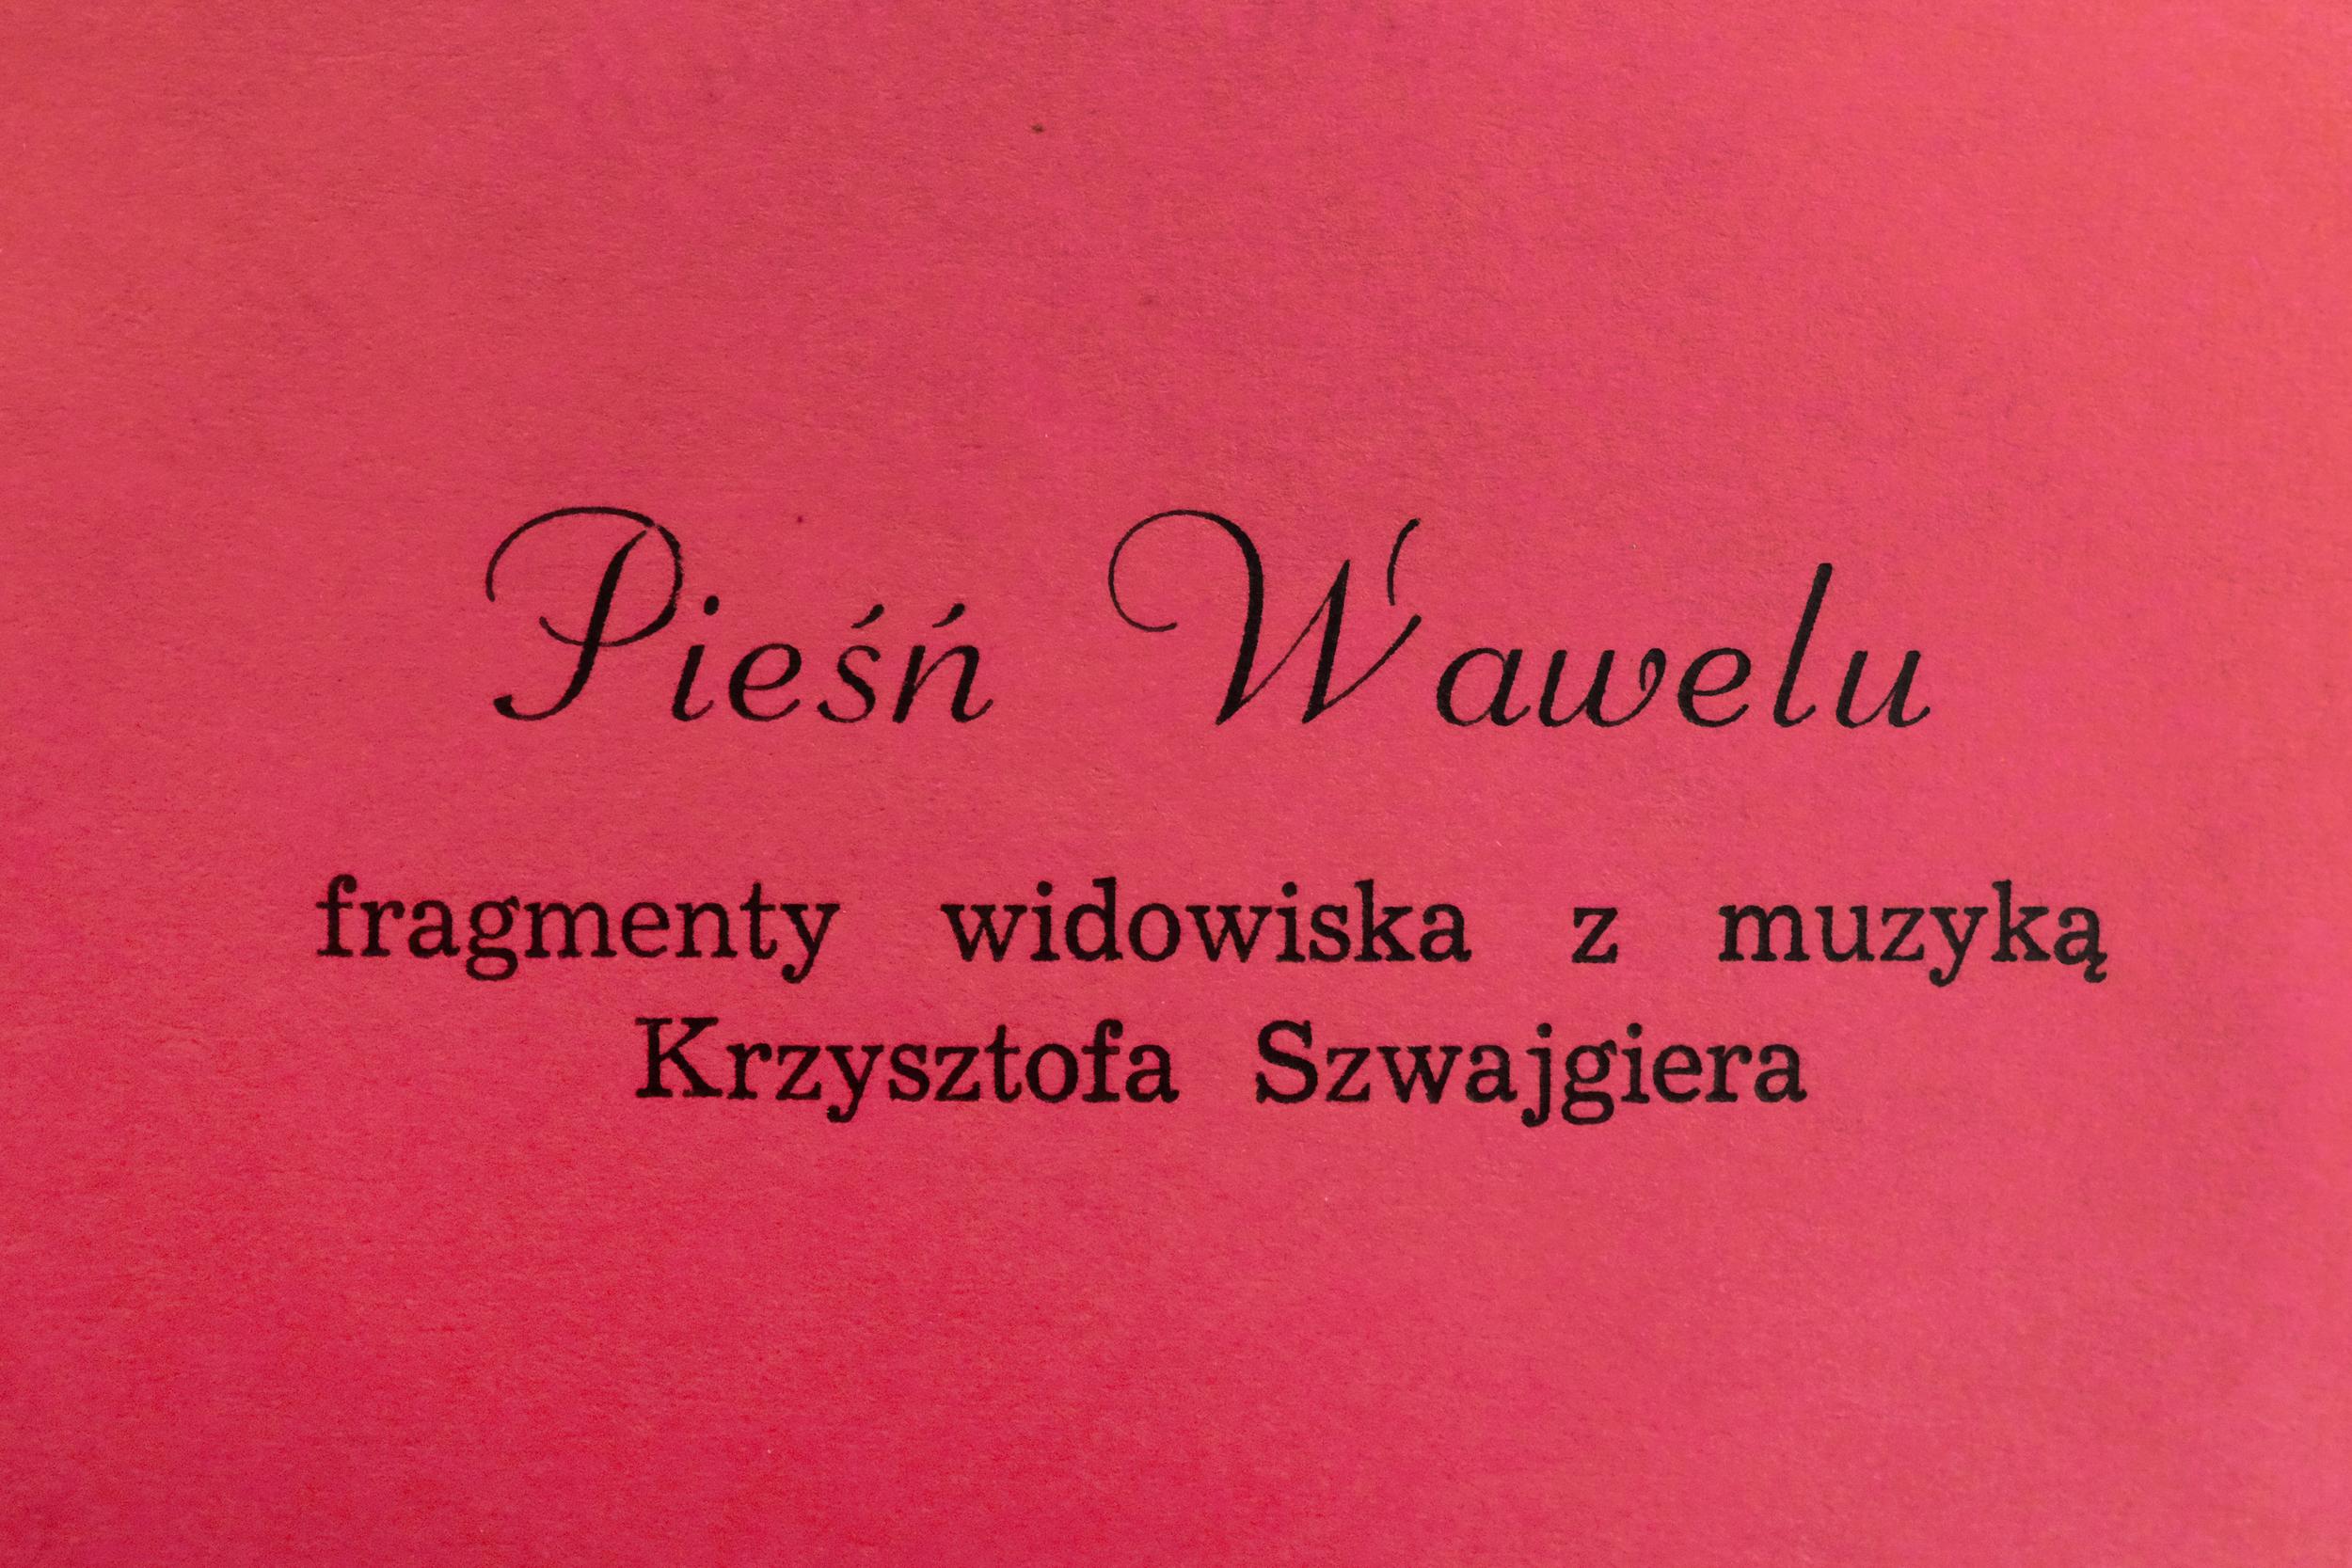 piesn_wawelu_45.jpg